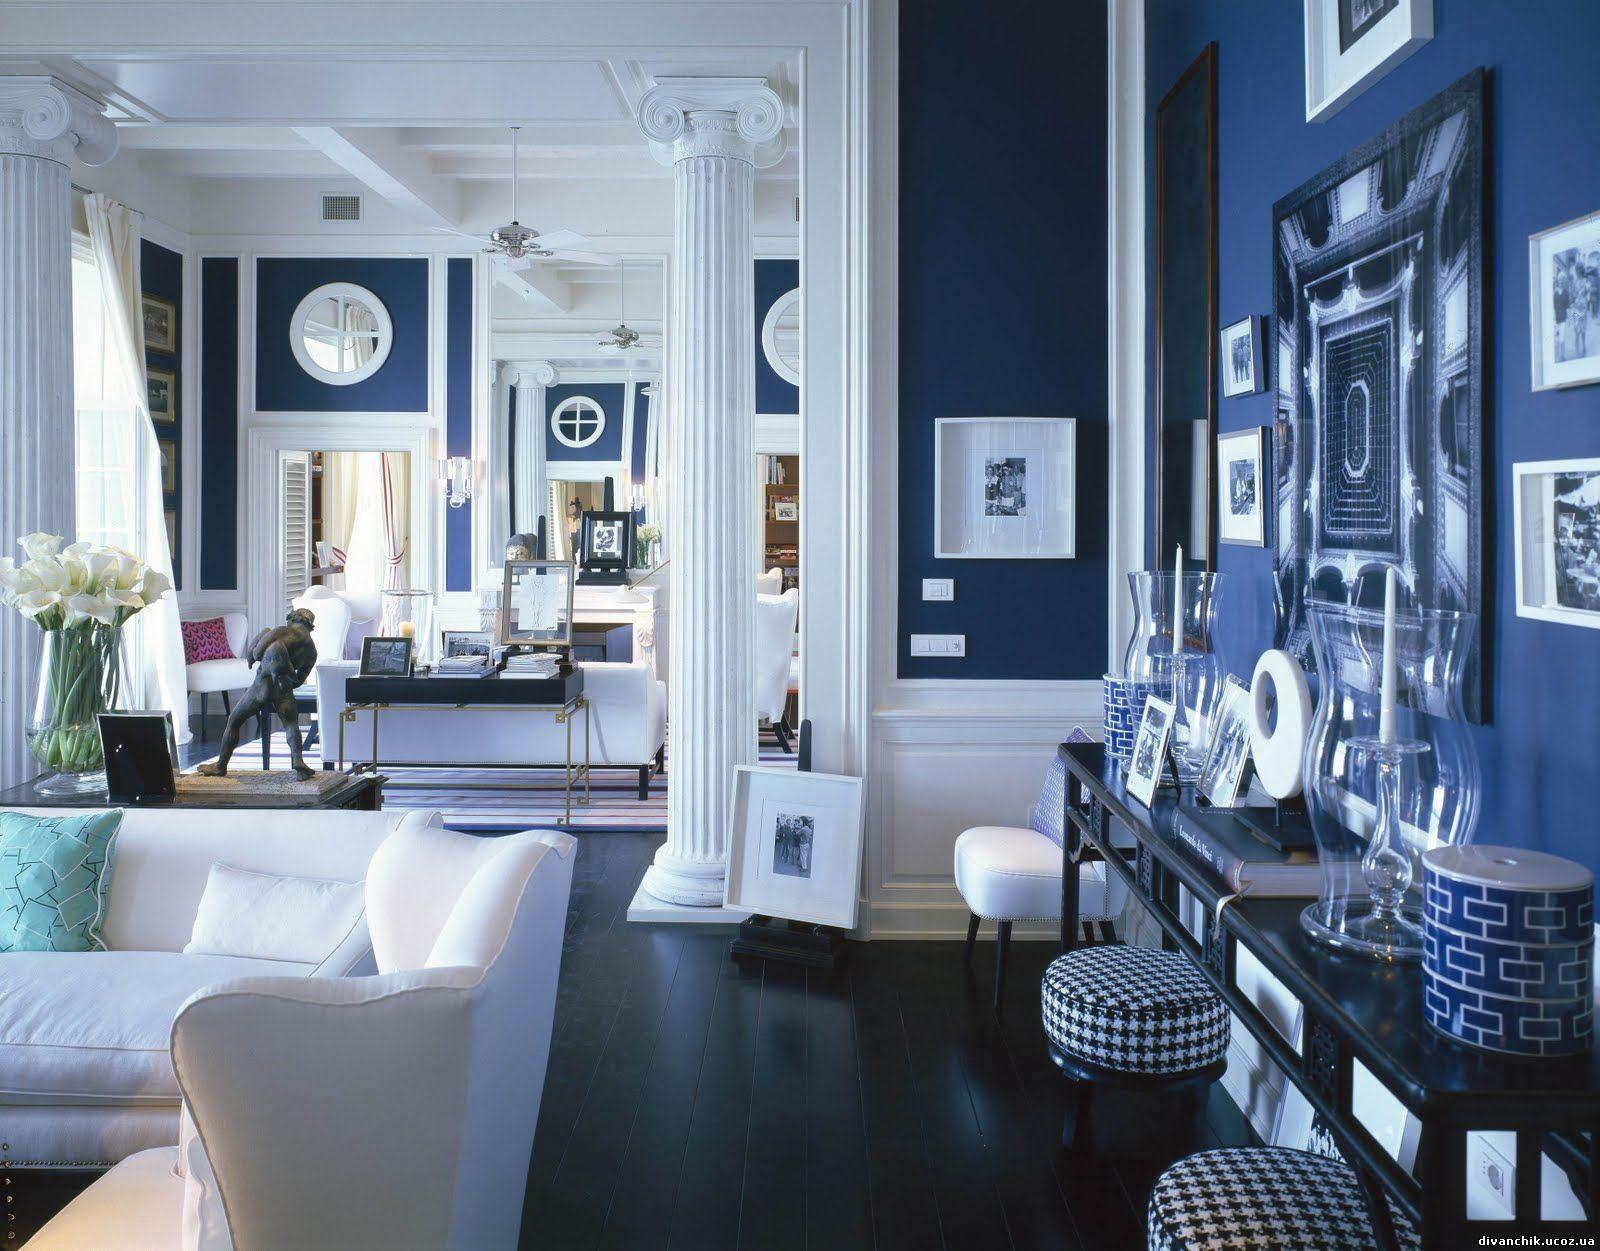 Una casa in stile navy idee per arredare for La migliore casa progetta lo stile indiano